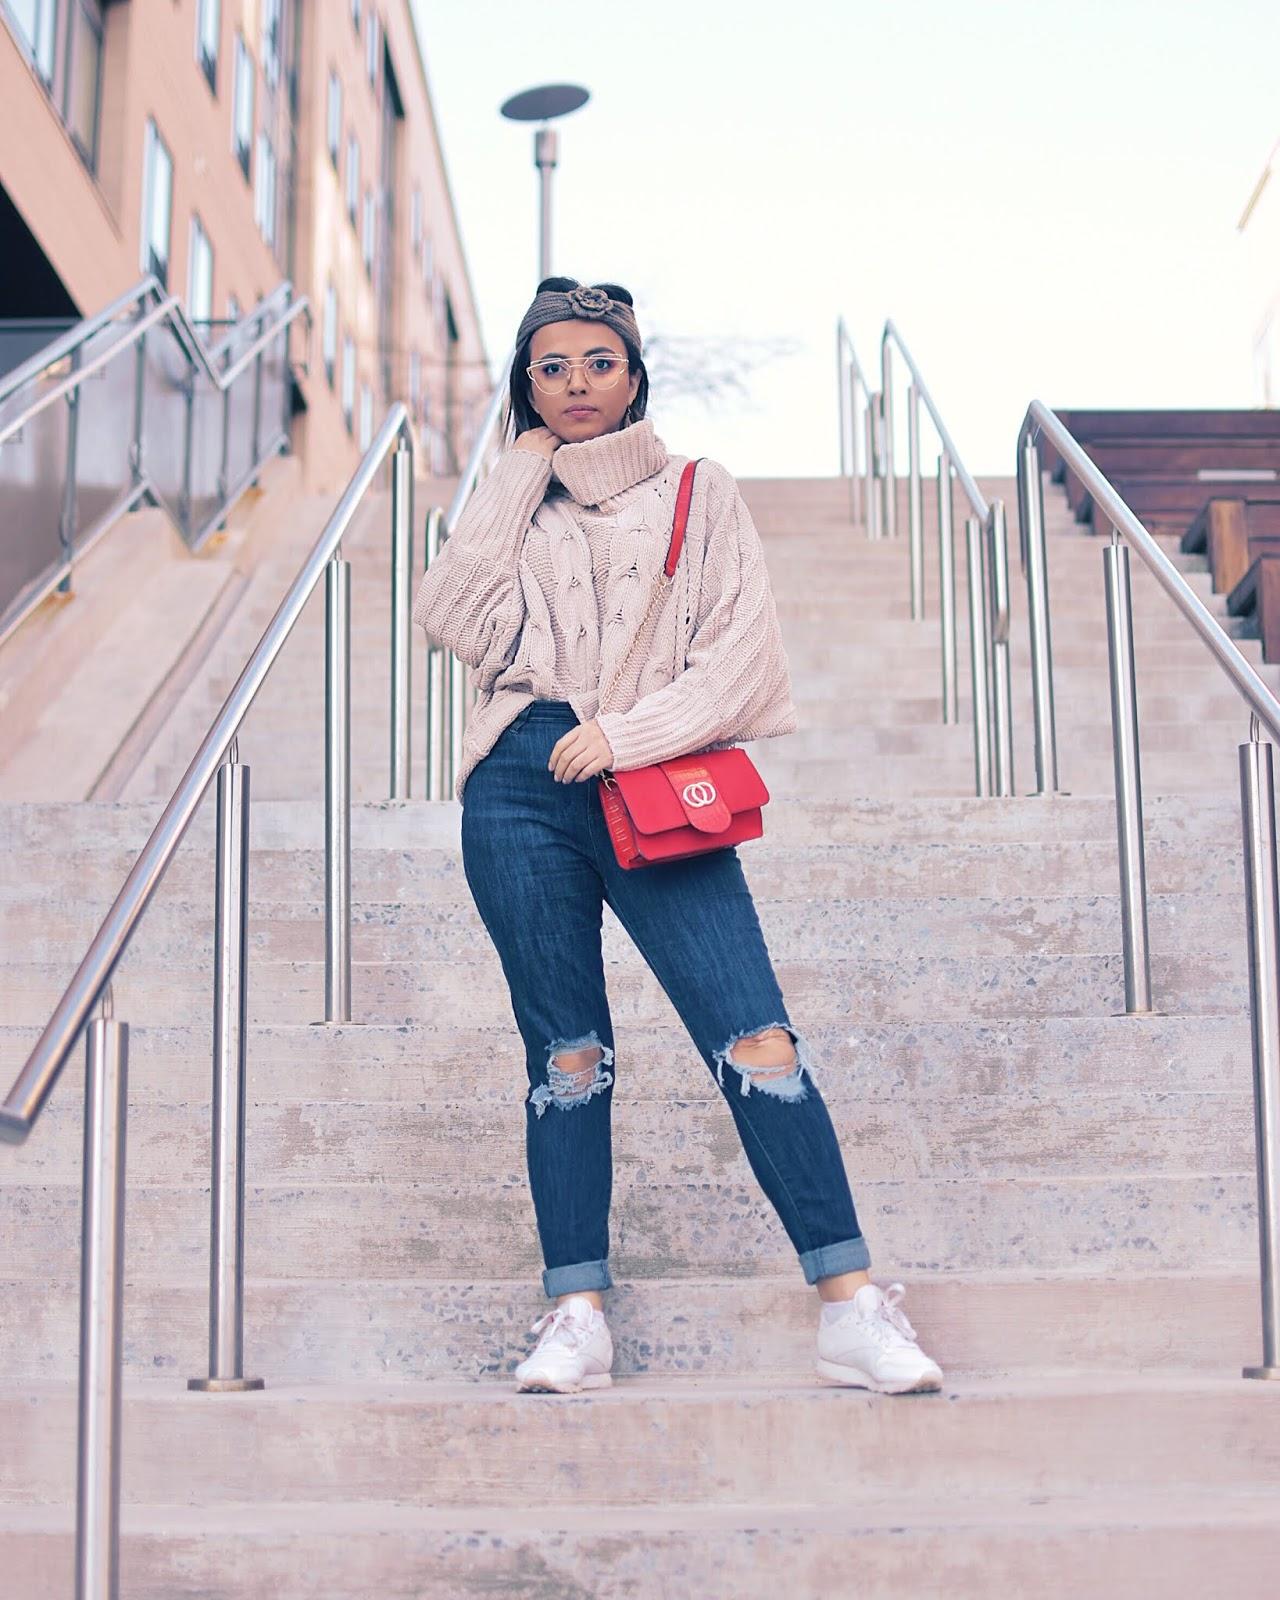 Un Look Básico Con Un Toque Rojo  by Mari Estilo-dcblogger-sheingals-looks con jeans-cable knit sweater-red bag-streetstyle-